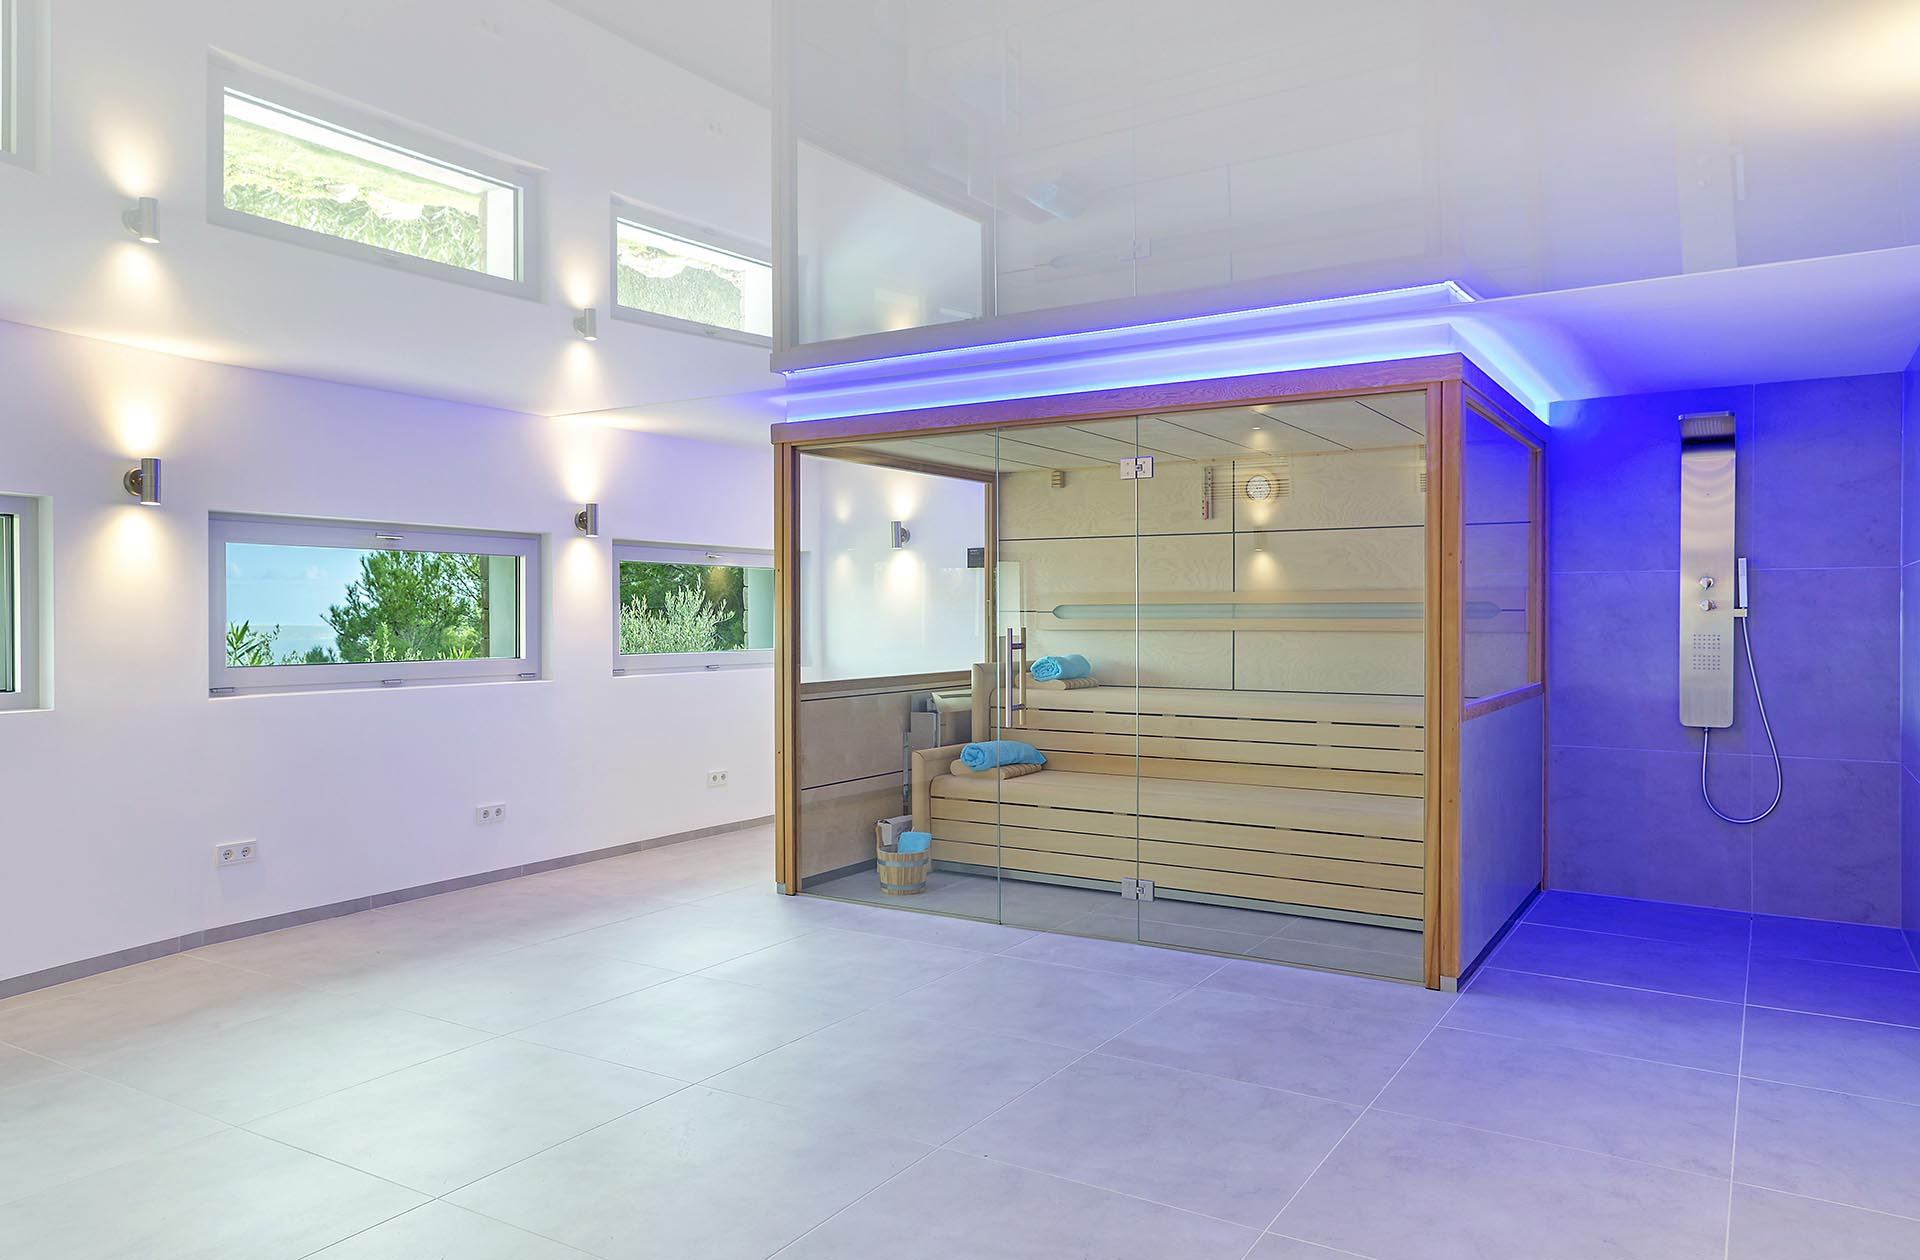 Hermosa villa en Costa d'en Blanes - Lujosa zona de sauna